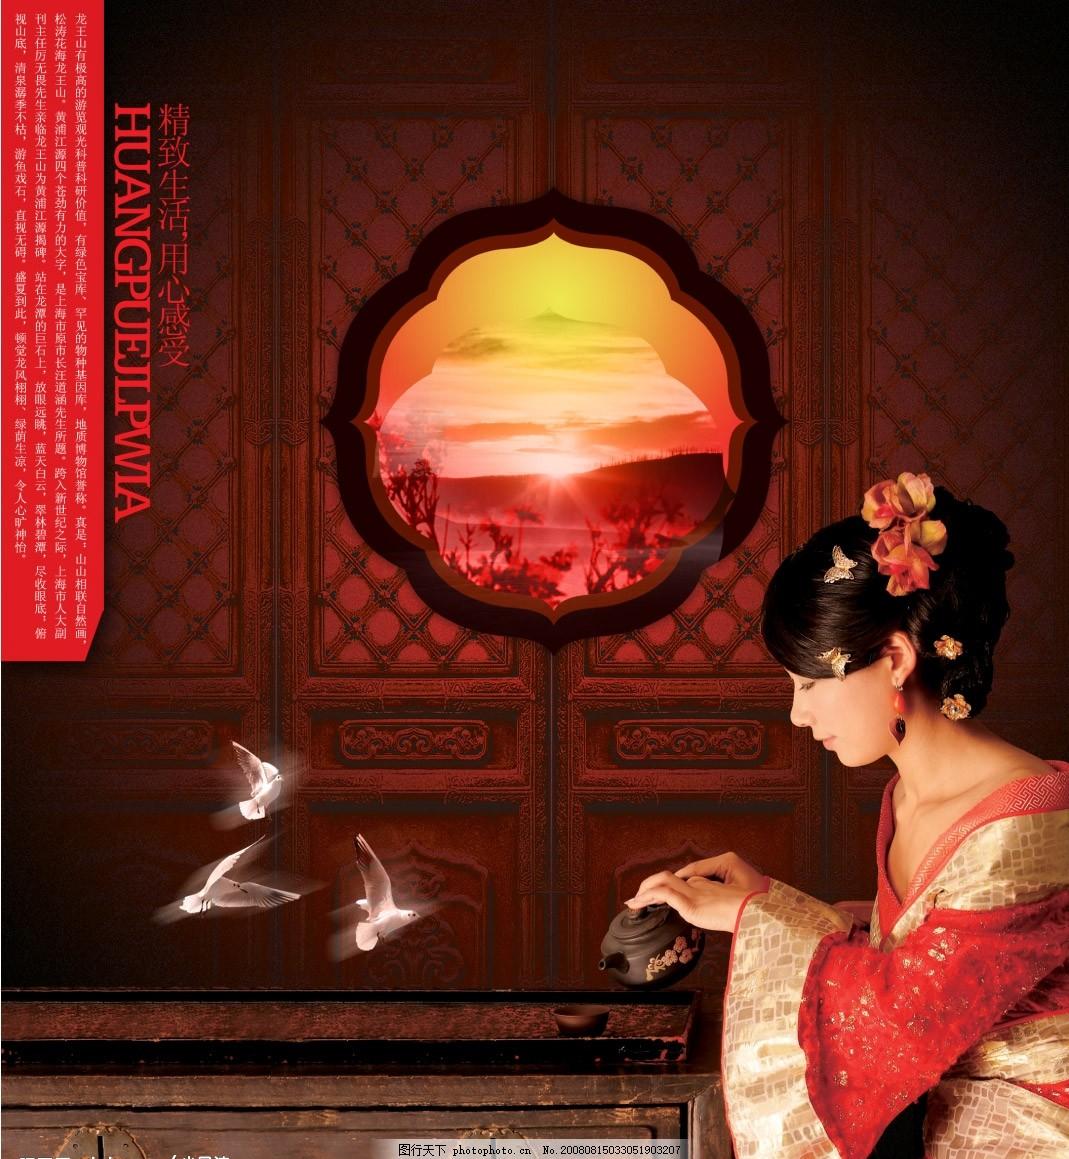 中国茶道 白鸽 茶盘 女人 女孩 女生 红衣 仕女 门窗 古门 风景 中国